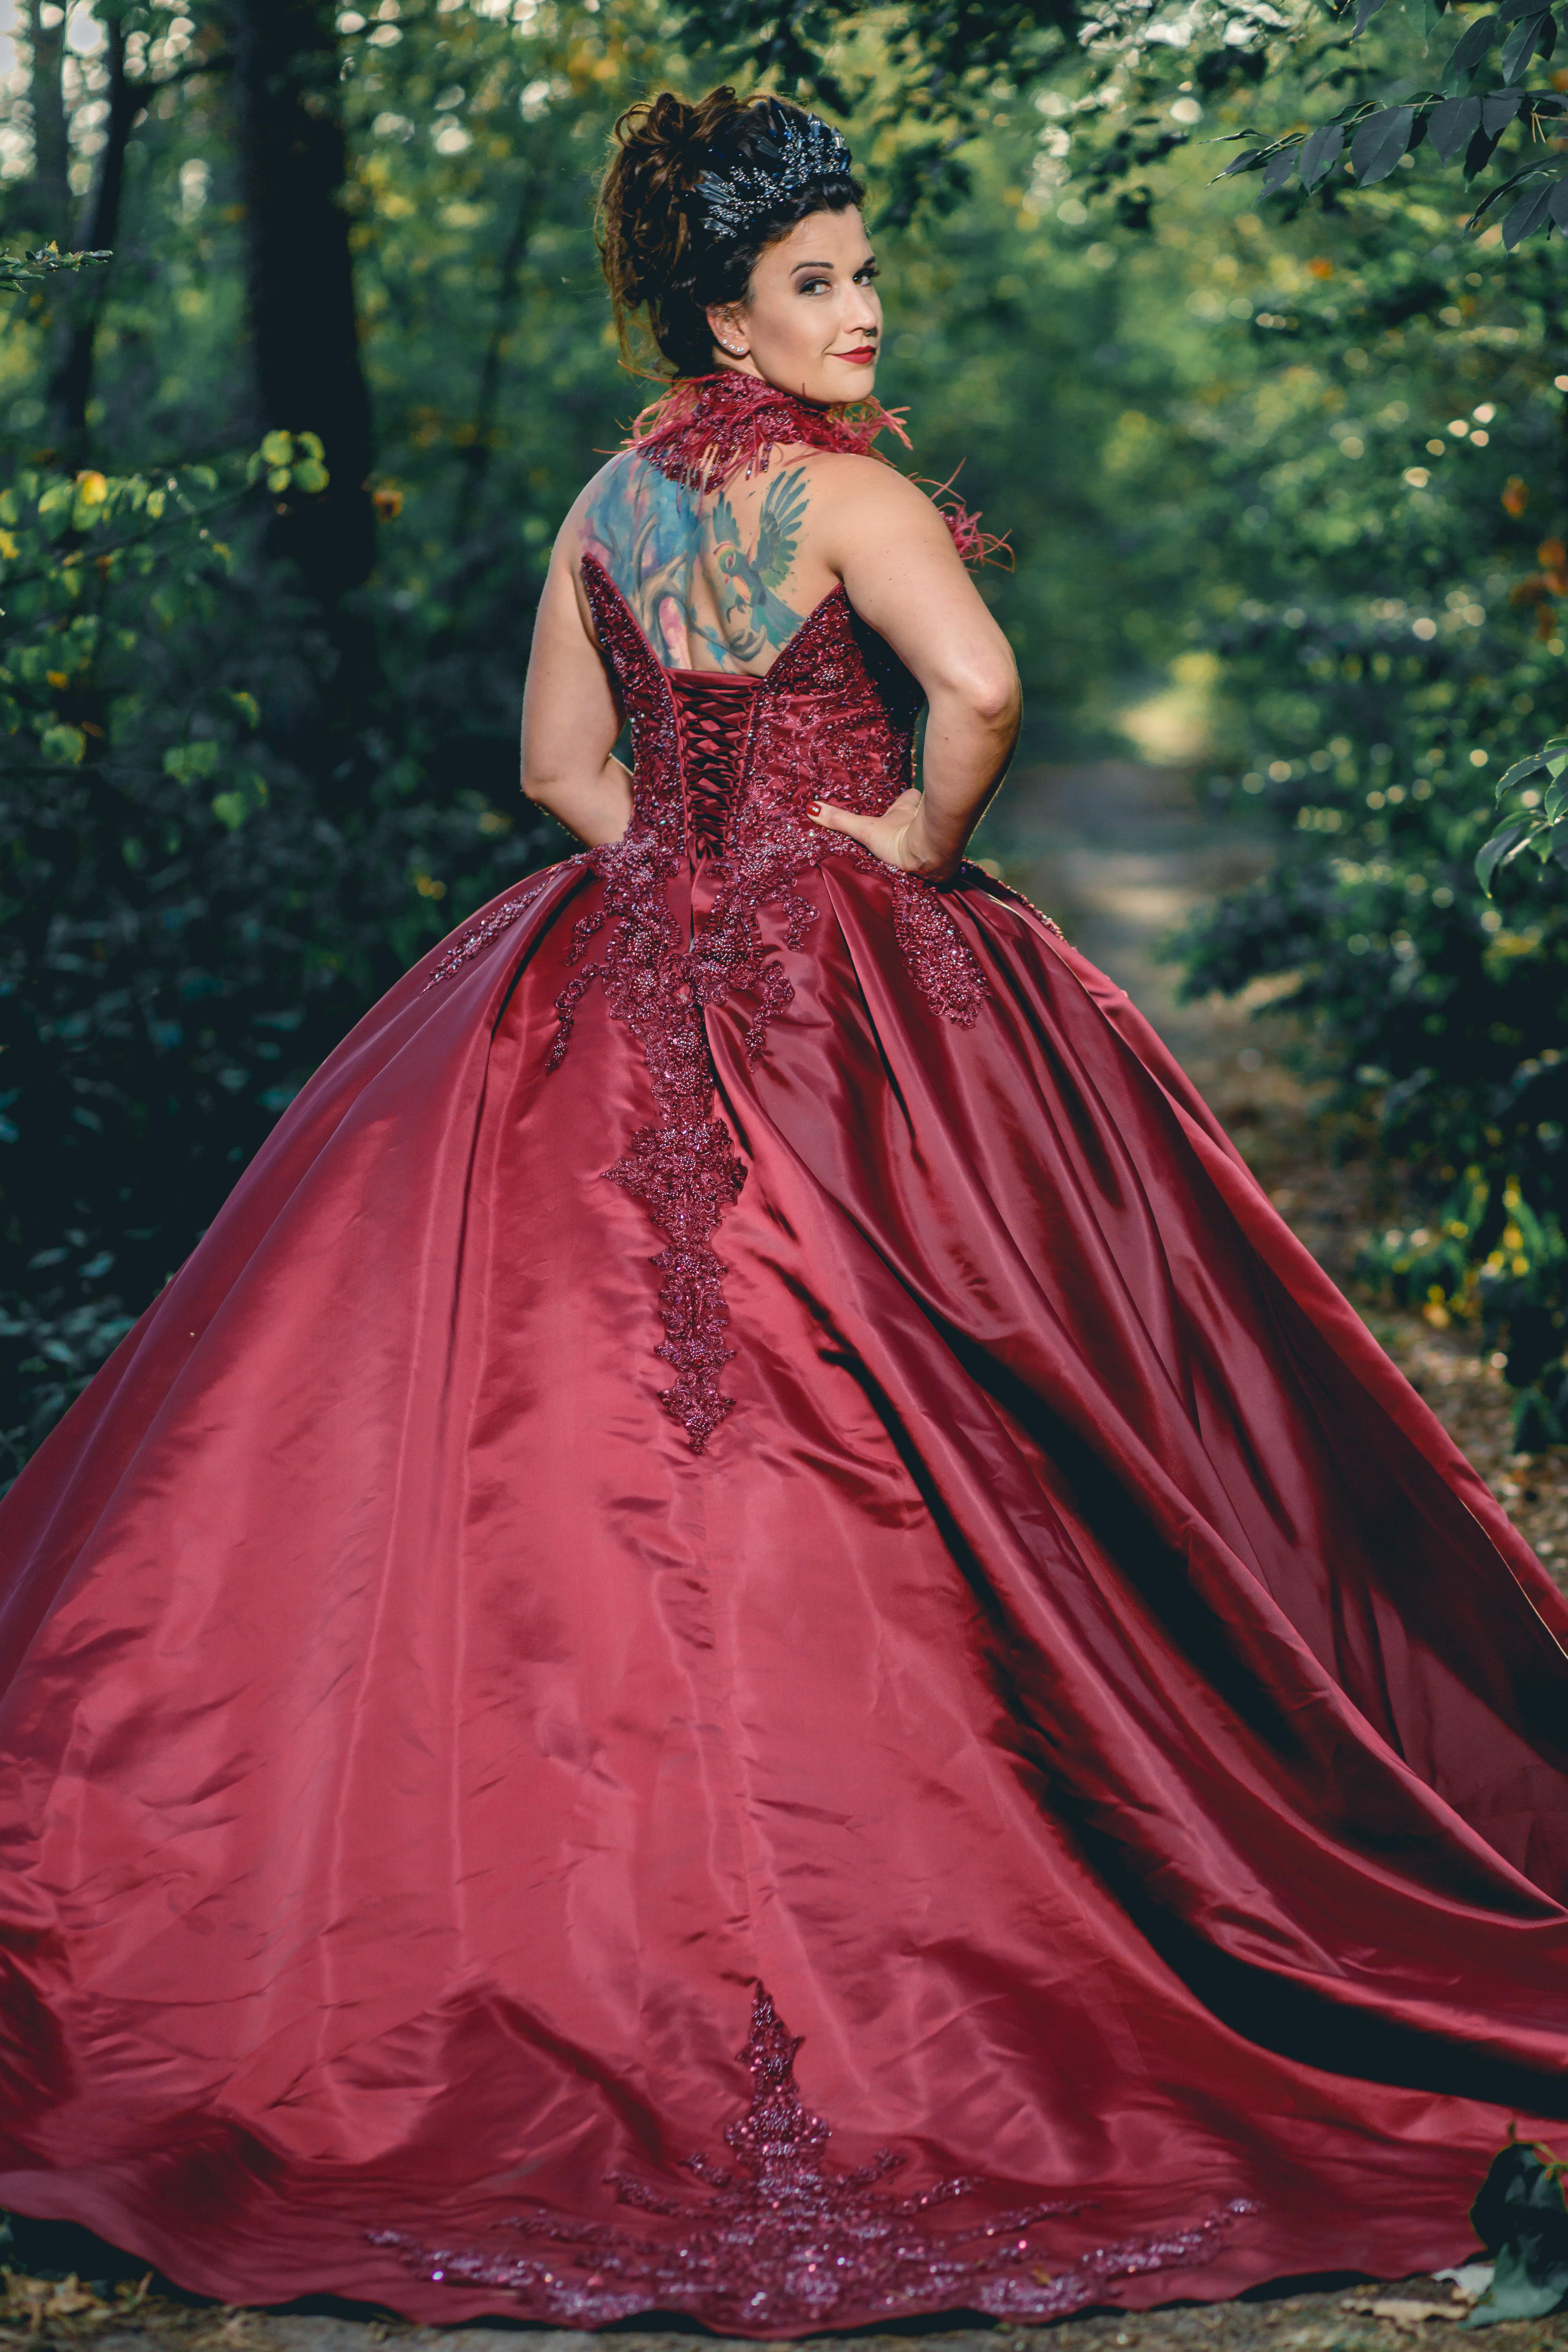 Luxina Vanessa 1. vom Tanz der Teufel